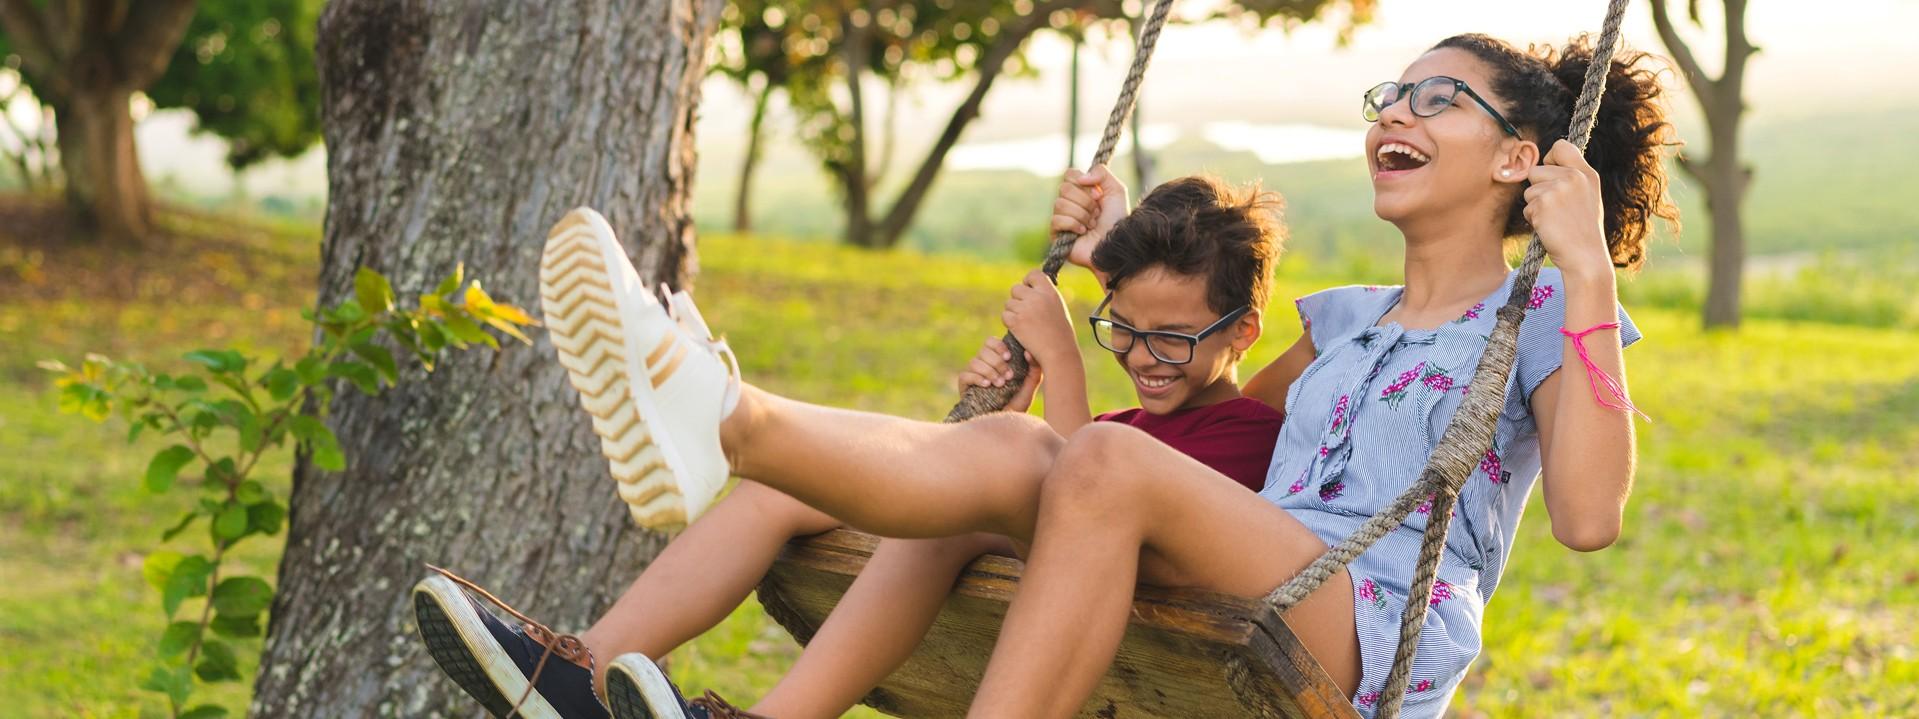 zwei Kinder auf einer Schaukel